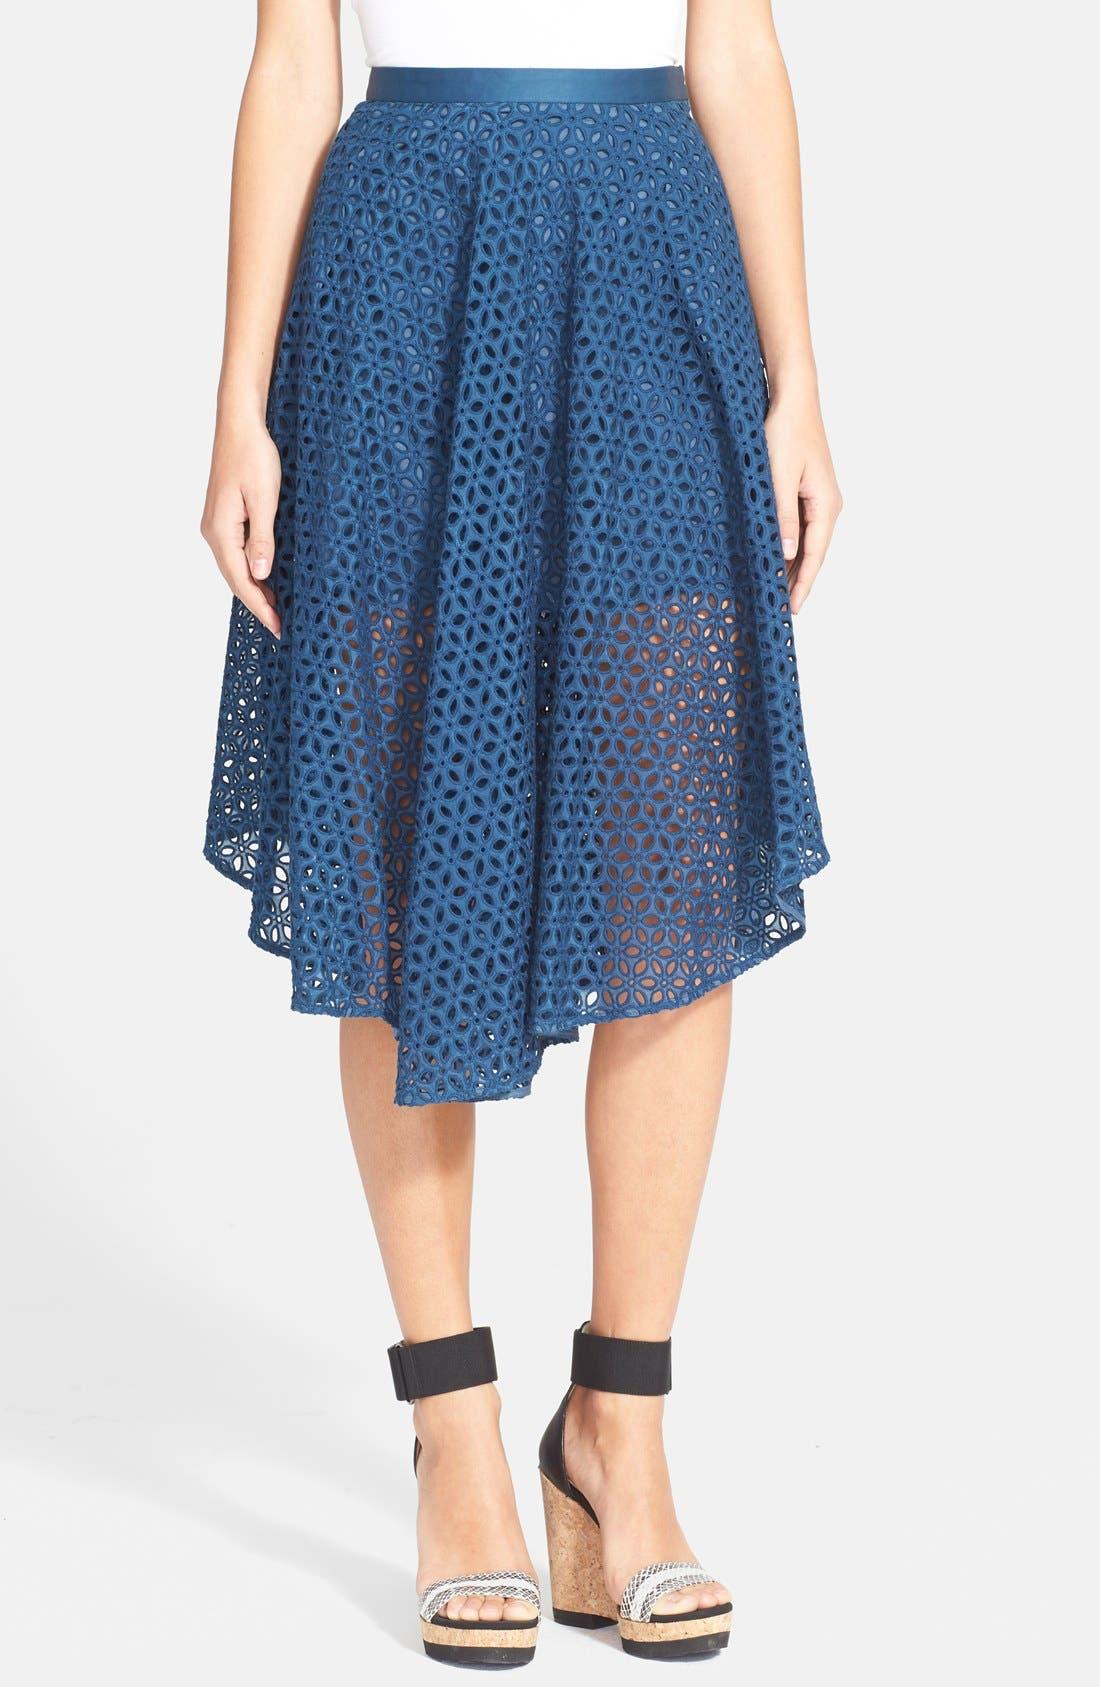 Alternate Image 1 Selected - Tibi 'Hanae' Eyelet Skirt